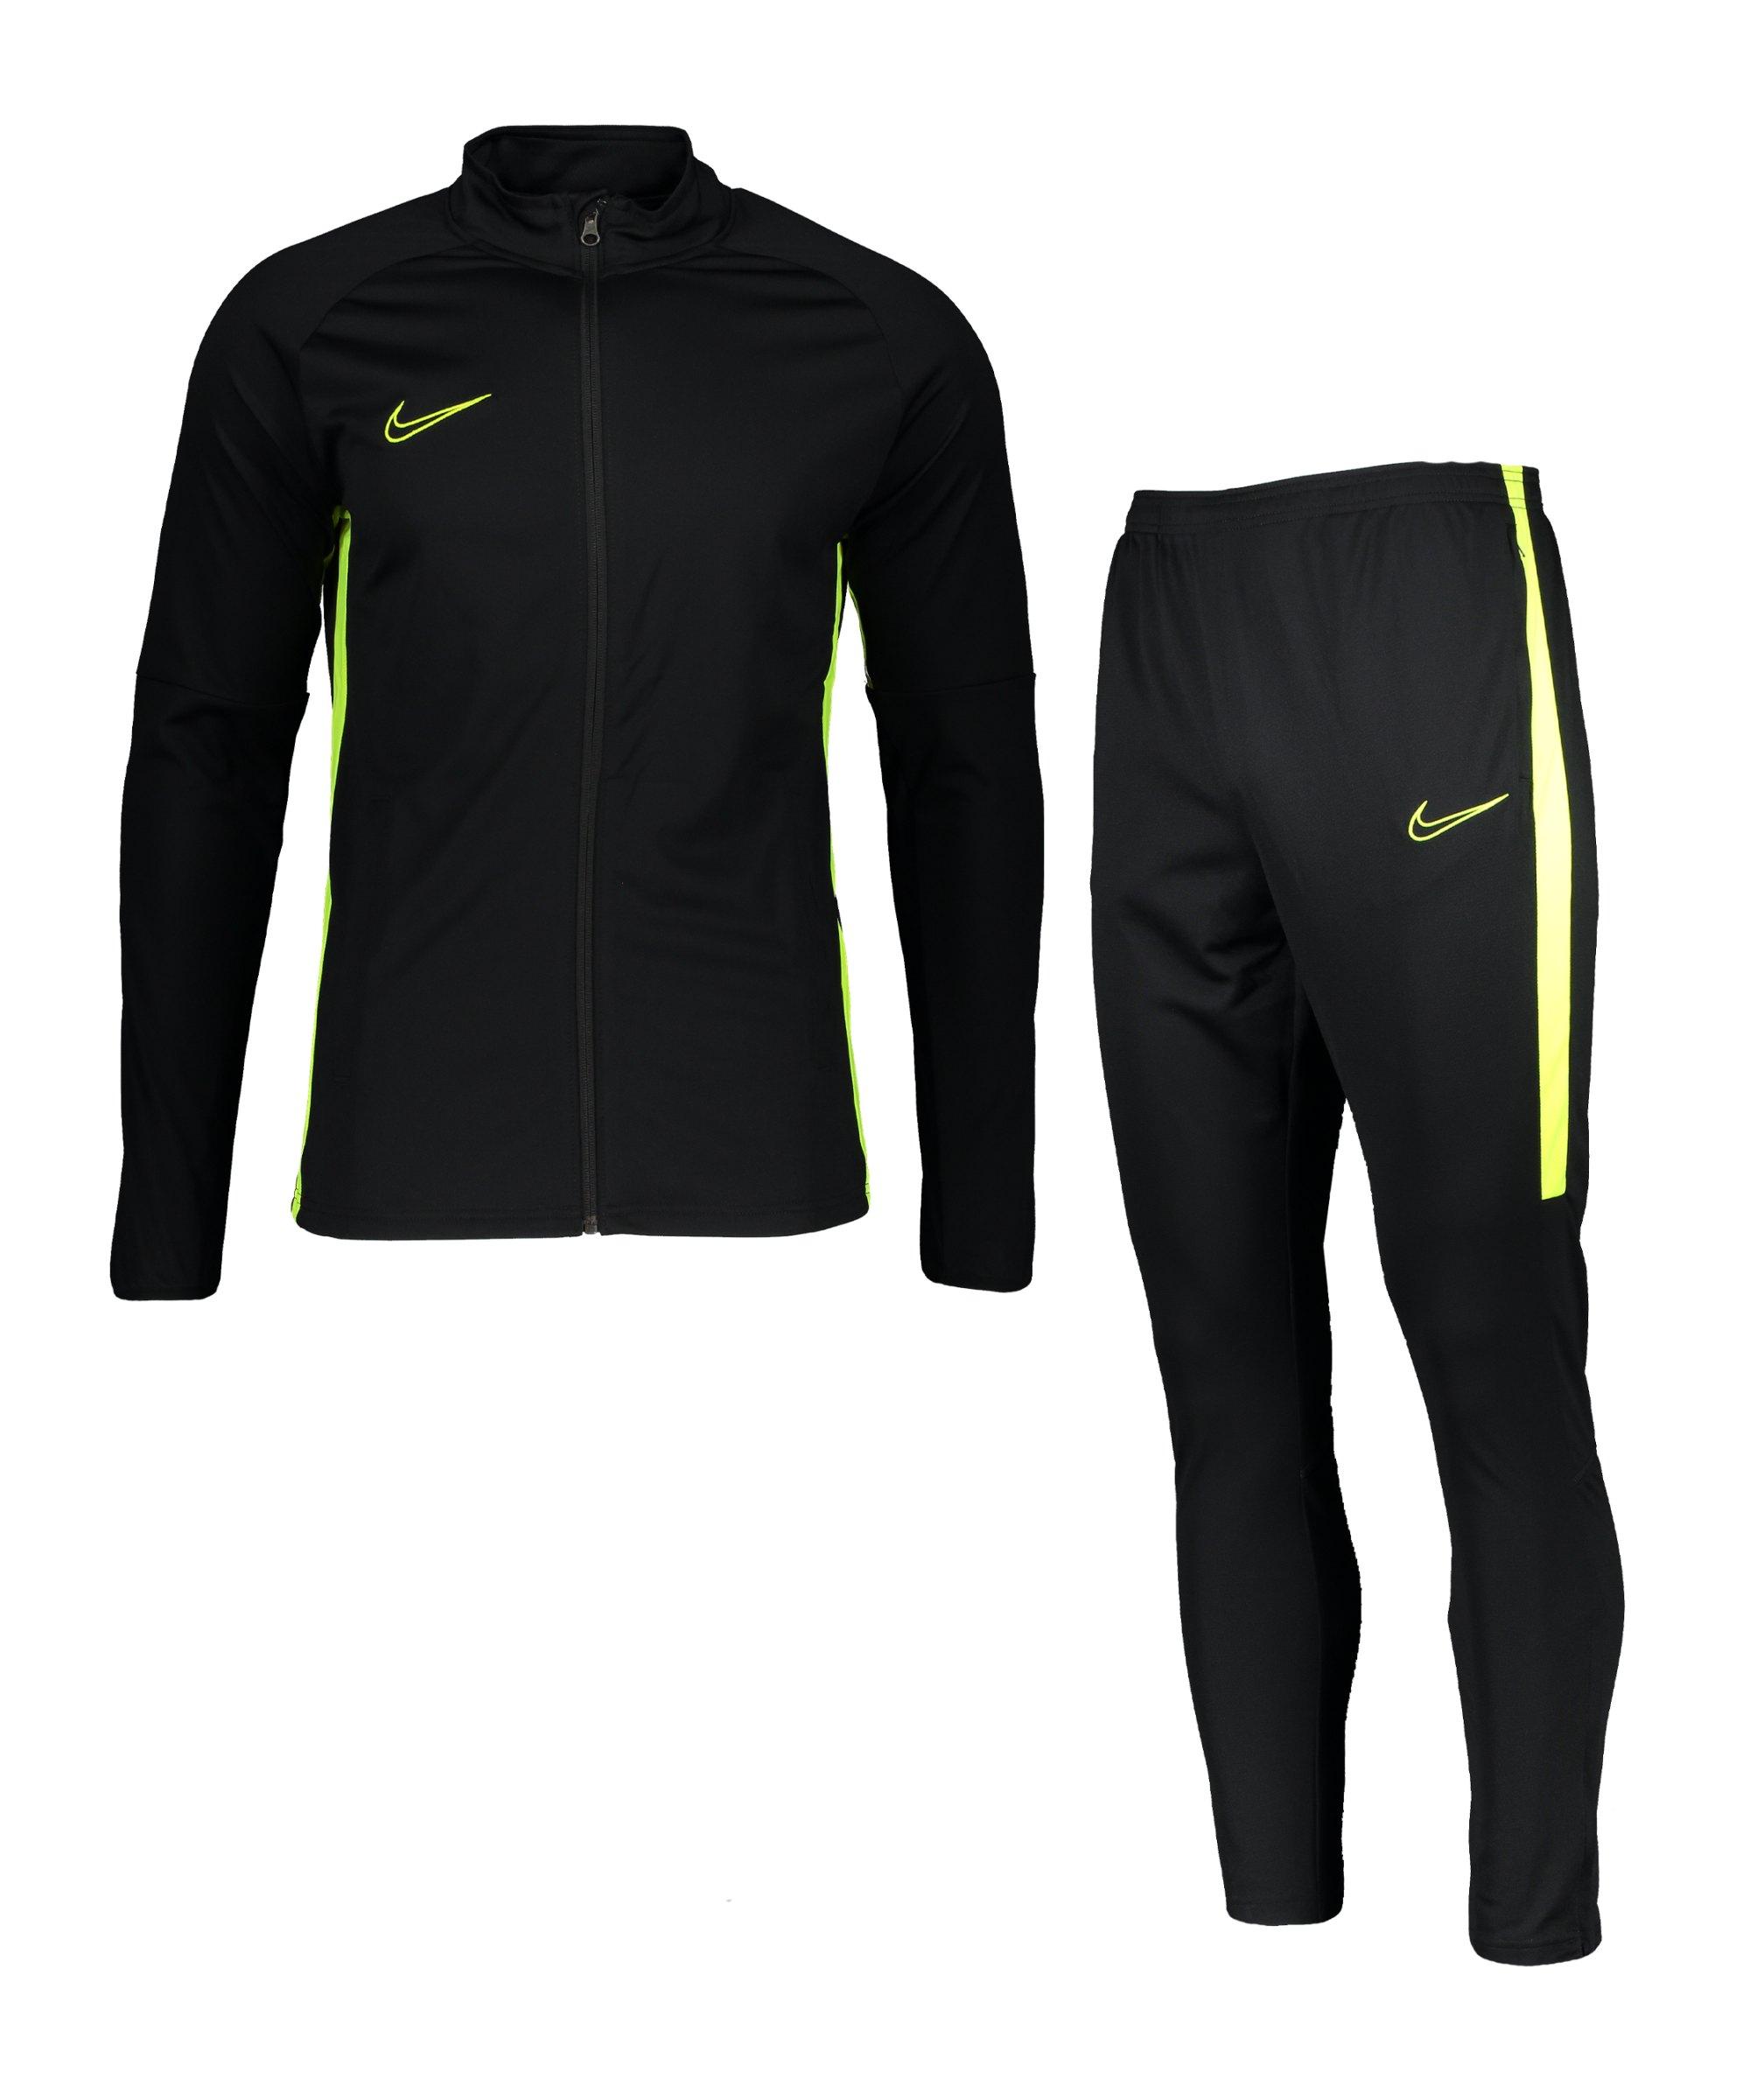 Nike Dri-FIT Academy Trainingsanzug Schwarz F017 - schwarz